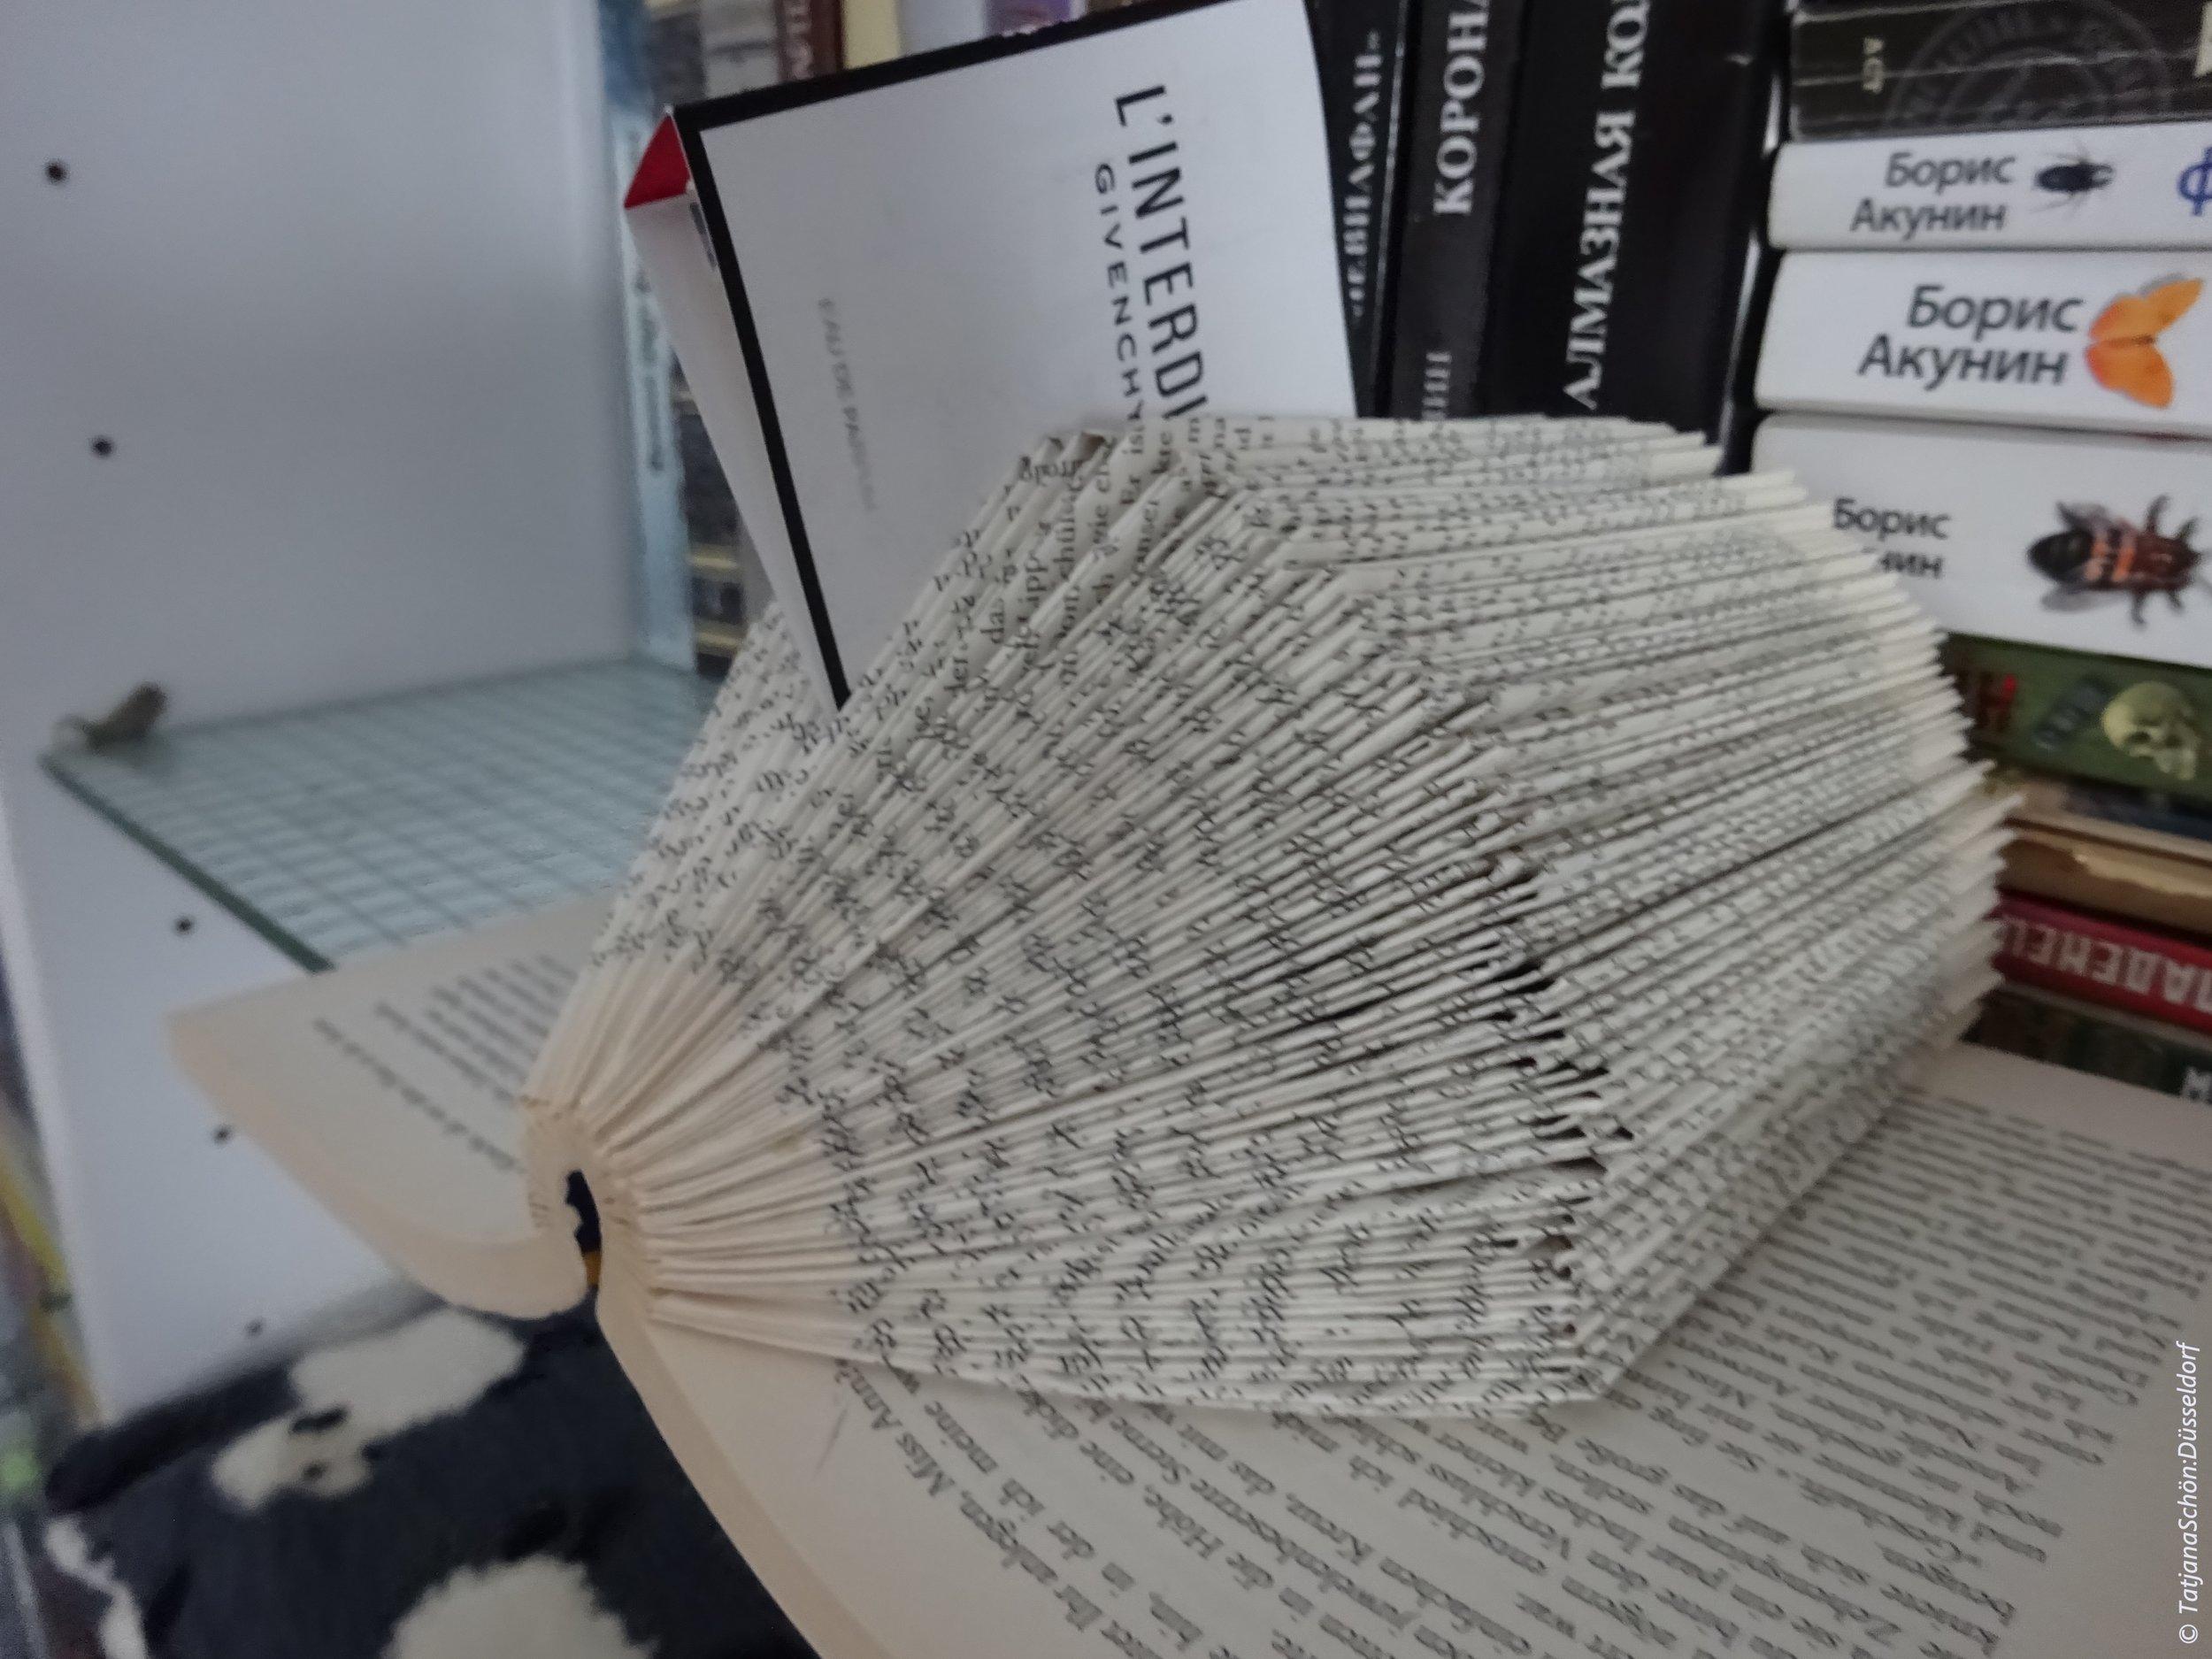 Книга из местной библиотеки, которая никому больше не нужна, выёжившись, превращена в держатель записок и мелочей.